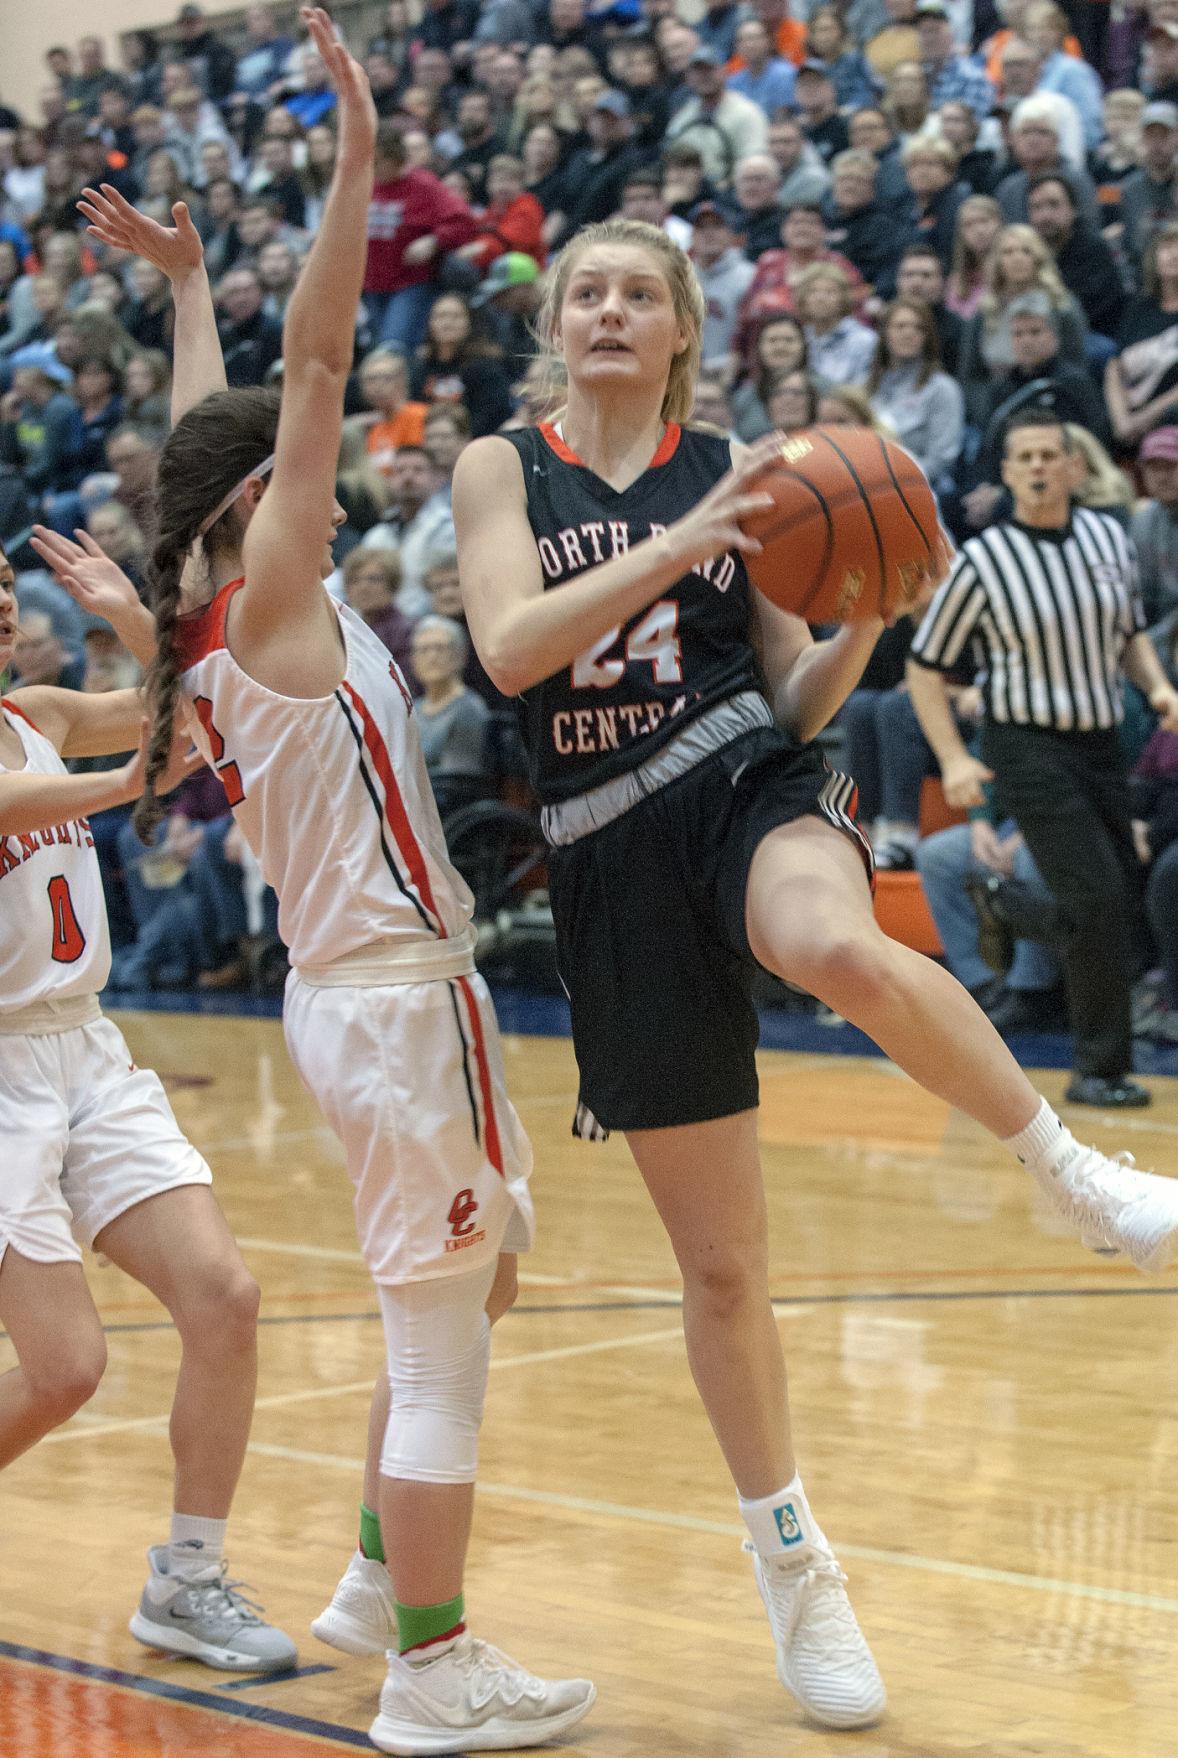 East Husker Conference Girls Basketball